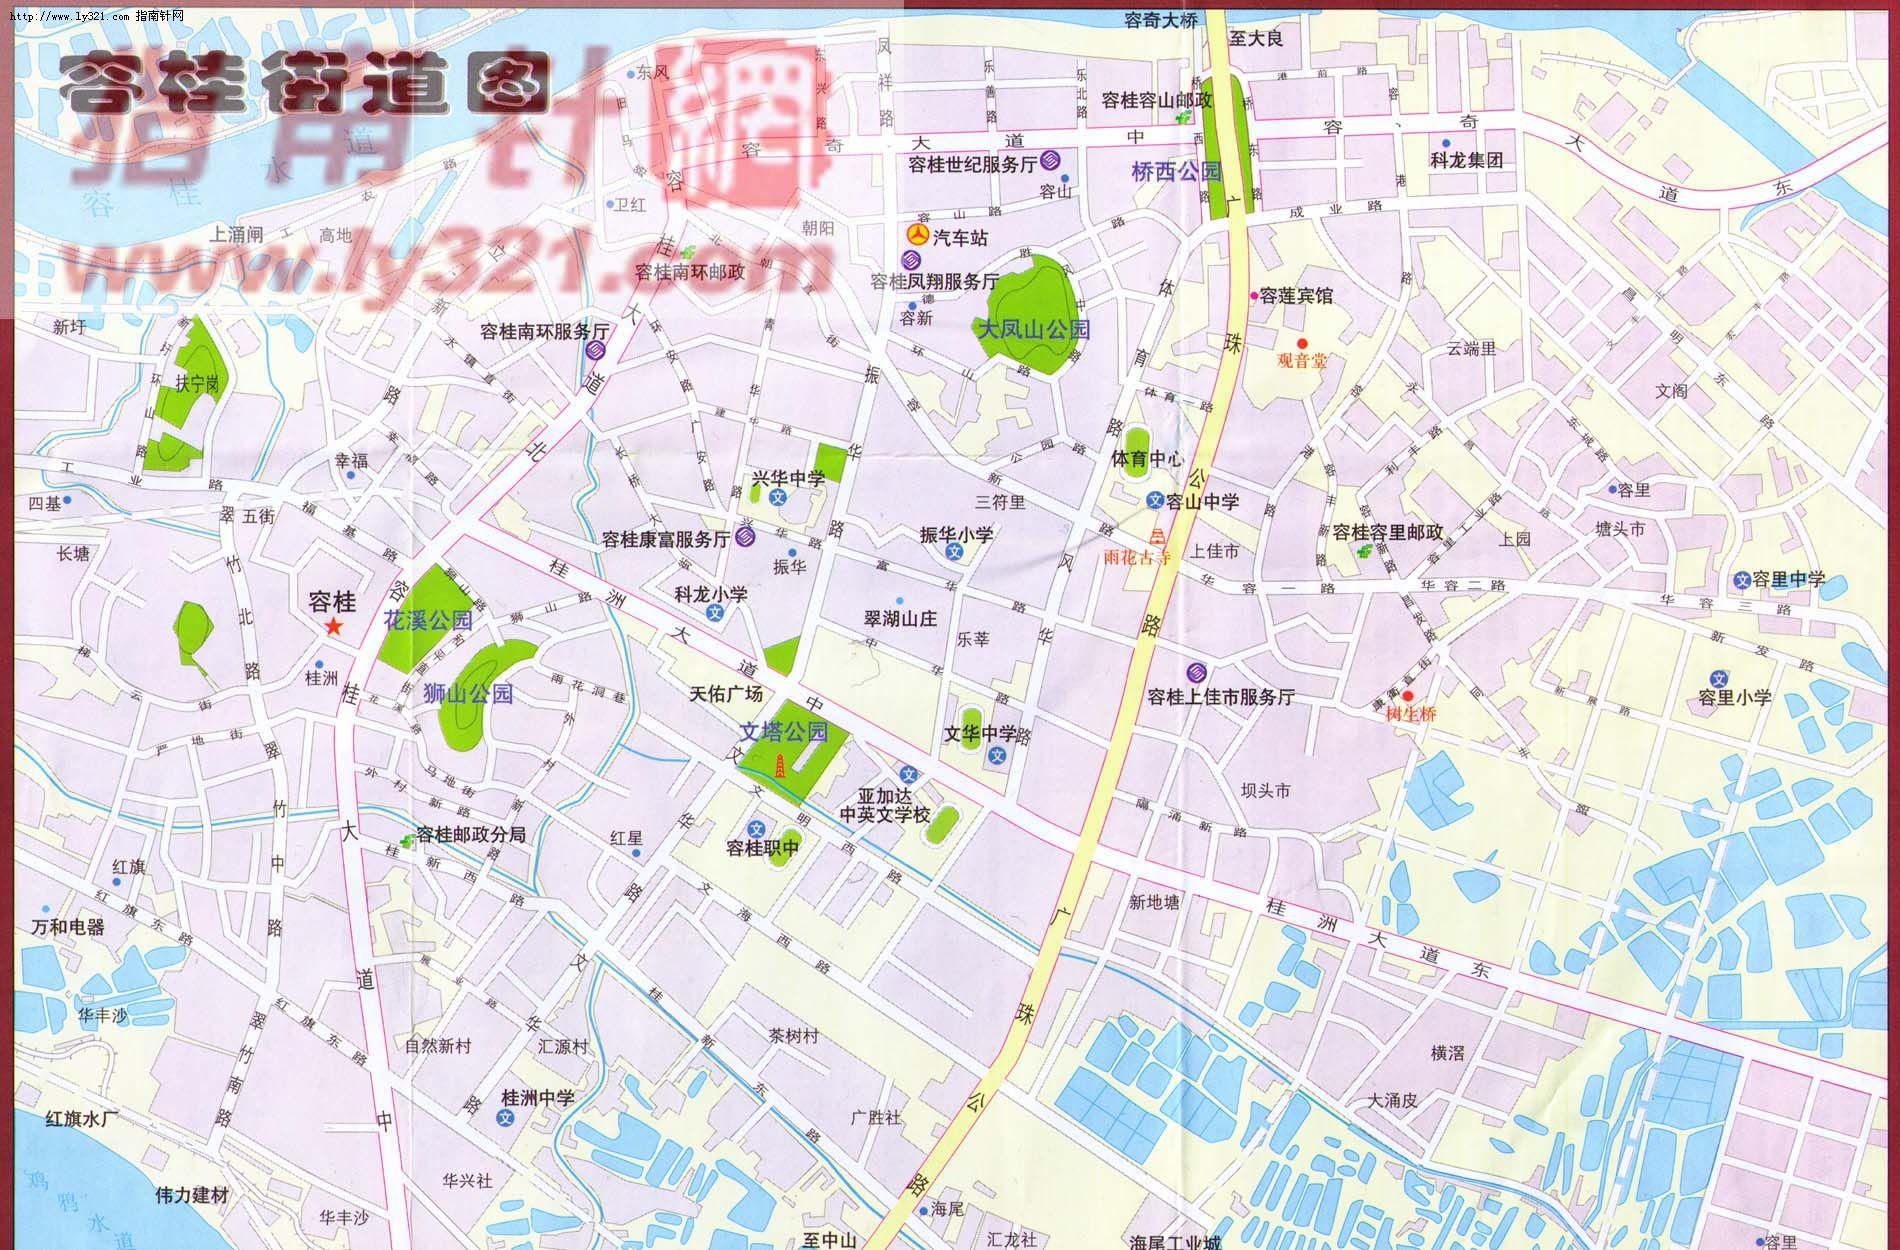 佛山市顺德区容桂镇街道地图